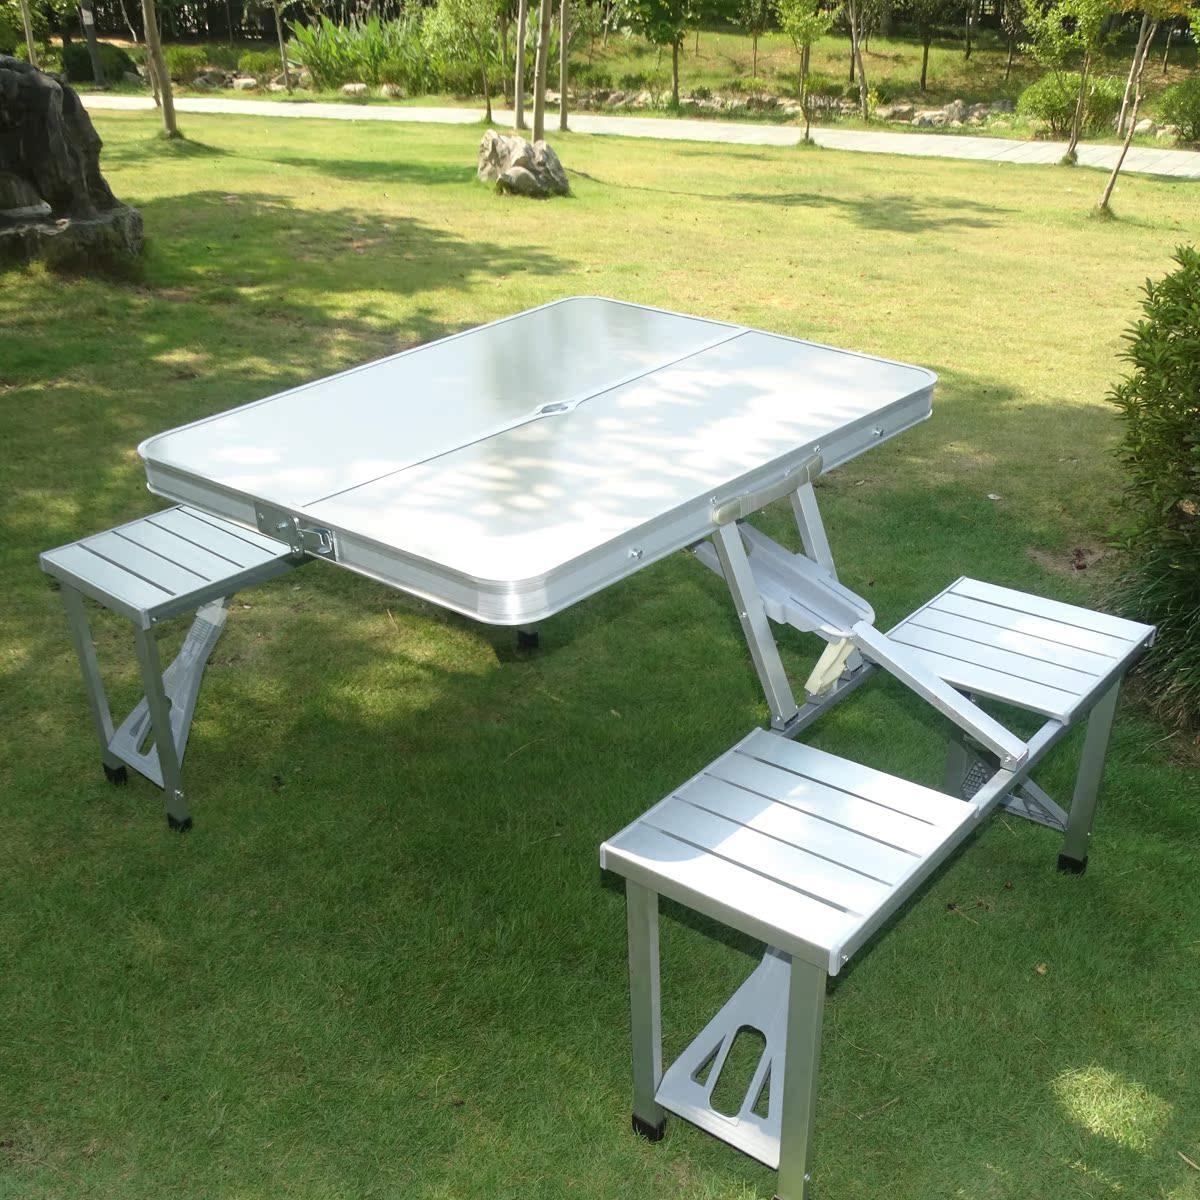 便携式铝合金户外折叠桌椅套装野炊自驾游露营必备野餐烧烤夜市桌图片